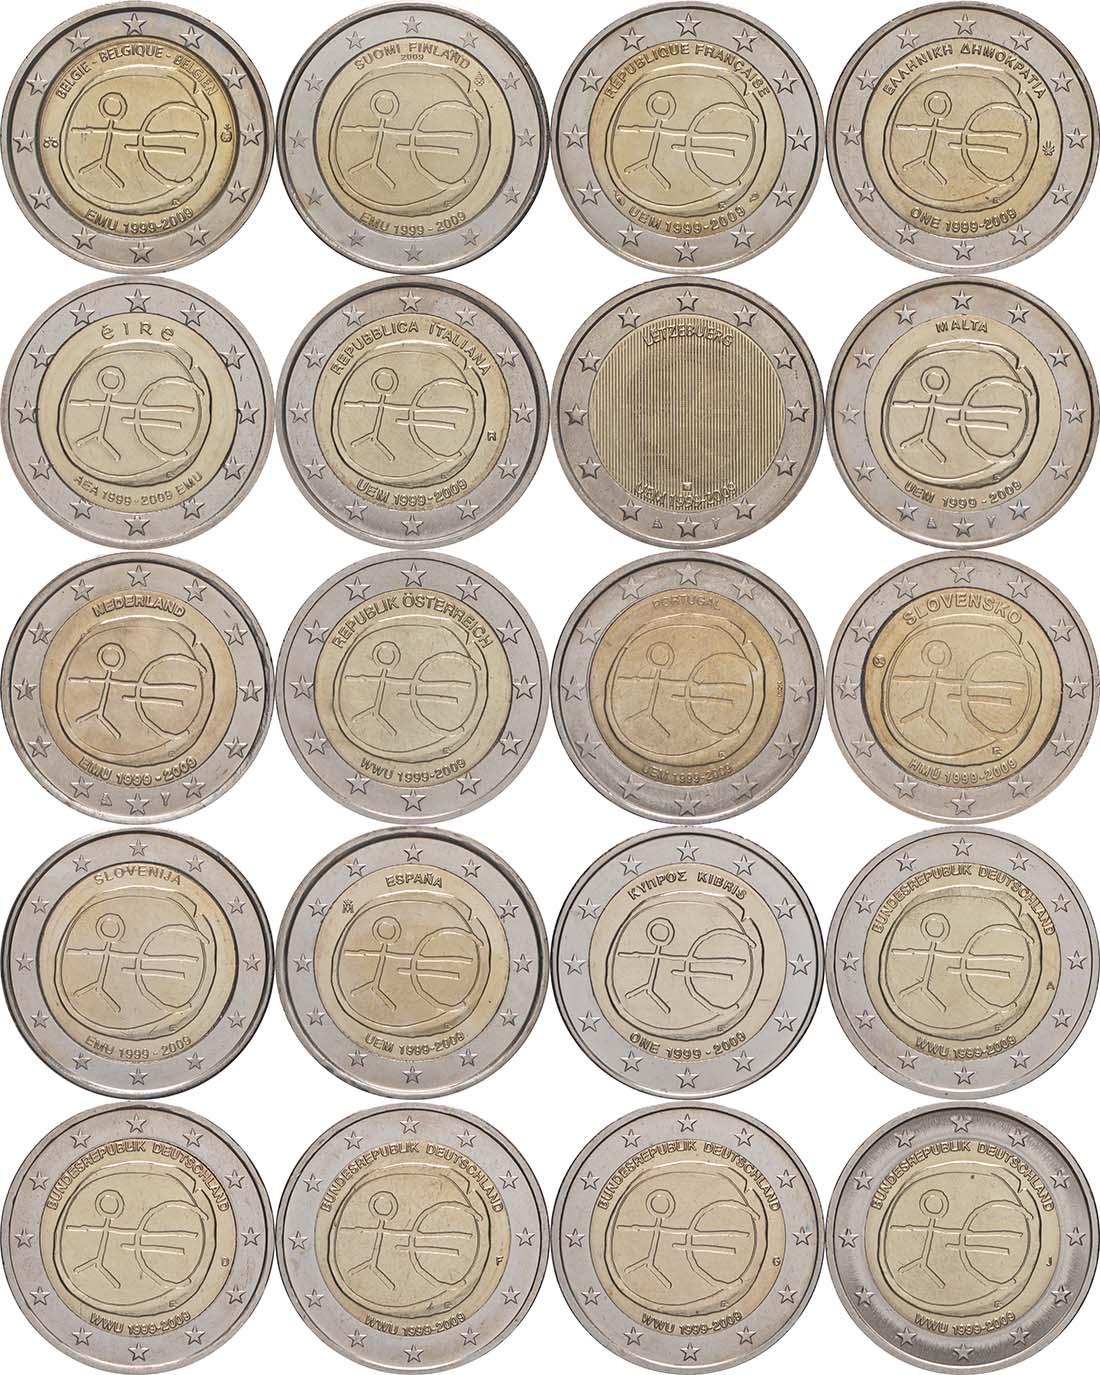 Lieferumfang:International : 2 Euro 10 Jahre Euro, Set aus 20 Münzen = 16 Länder : Belgien, Deutschland (A,D,F,G,J), Finnland, Frankreich, Griechenland, Irland, Italien, Luxemburg, Niederlande, Malta, Österreich, Portugal, Slowakei, Slowenien, Spanien, Zypern  2009 bfr Komplettkollektion 2-Euro-Gedenkmünzen WWU